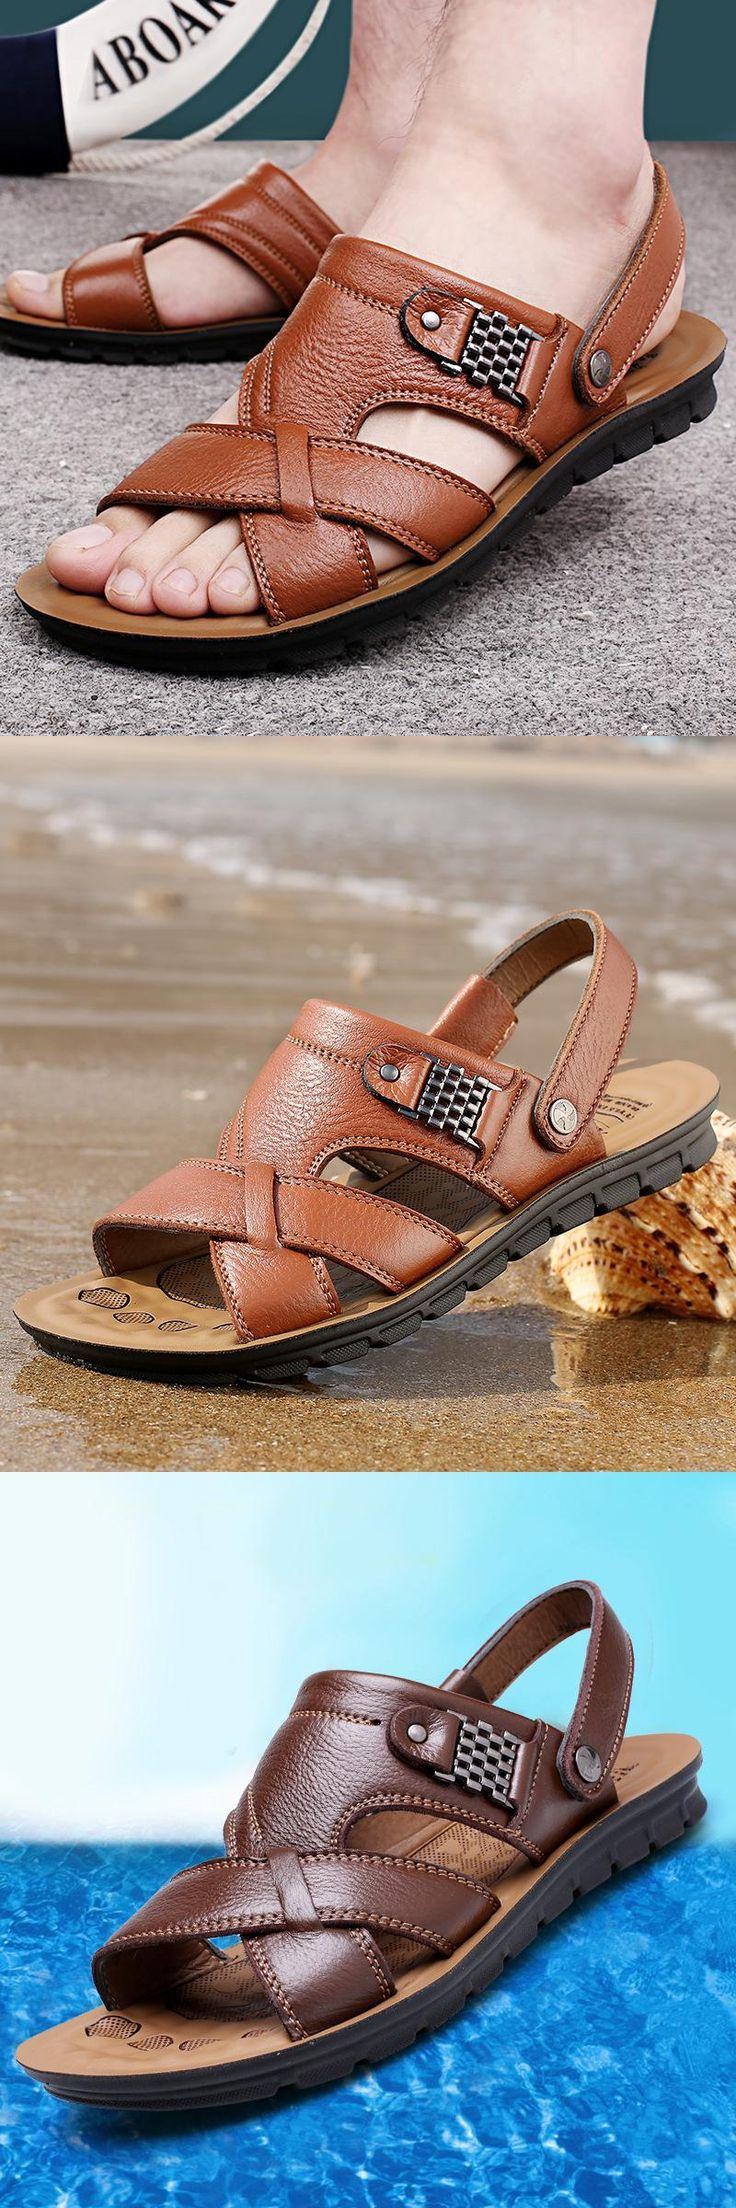 [Visit to Buy] Men shoes 2016 hot fashion sandals men shoes sandalias hombre men flip flops #Advertisement